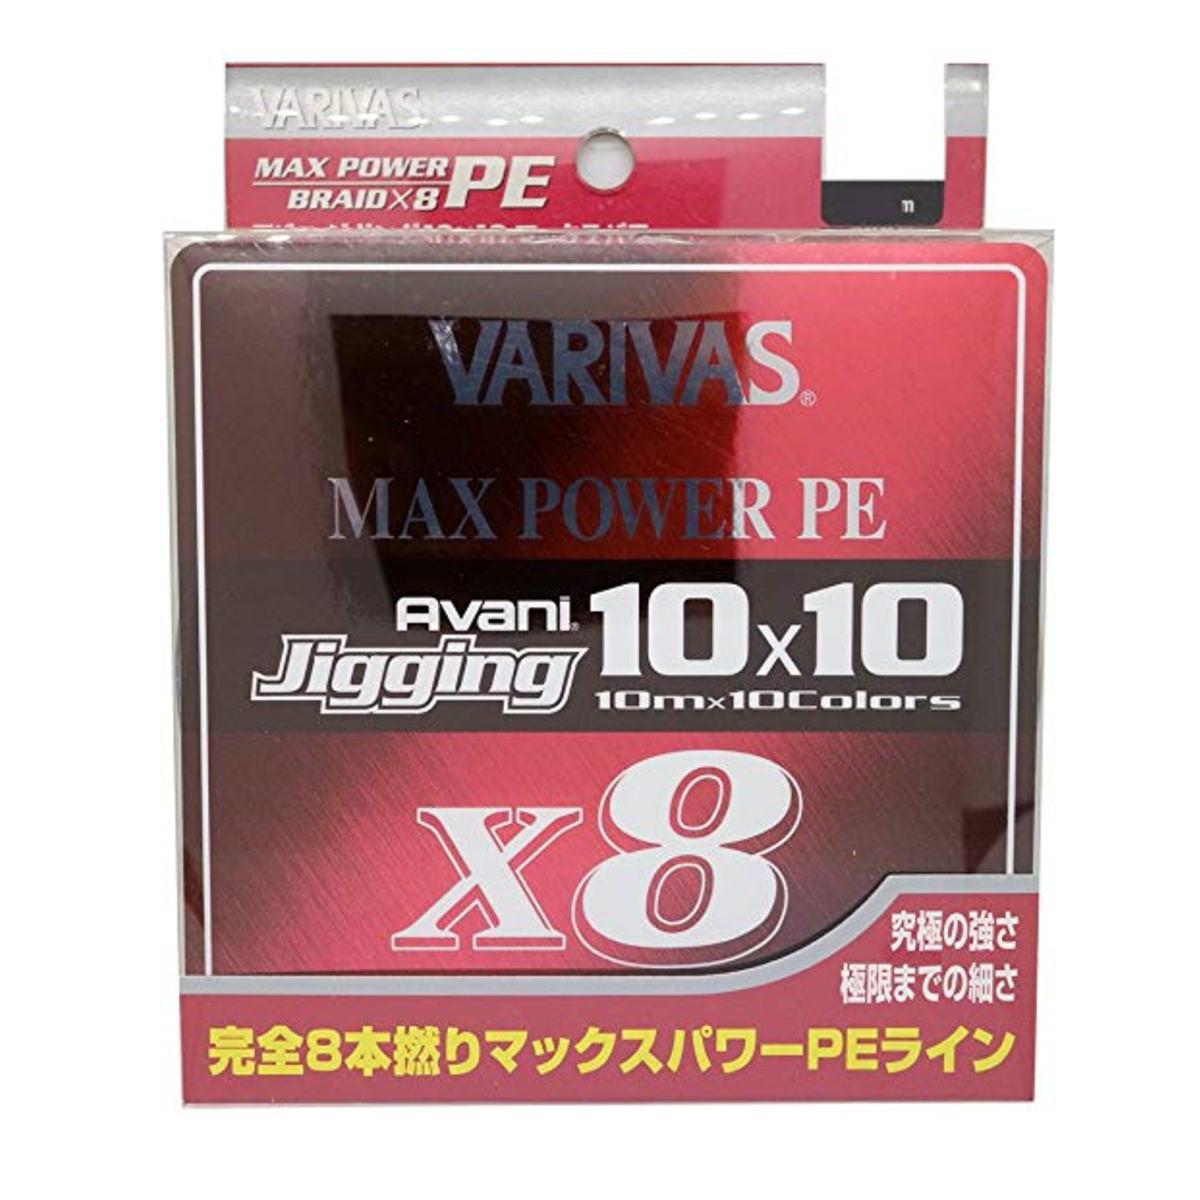 【送料無料4】モーリス ライン VARIVAS アバニ ジギング10×10 マックスパワーPE X8 600m 3号